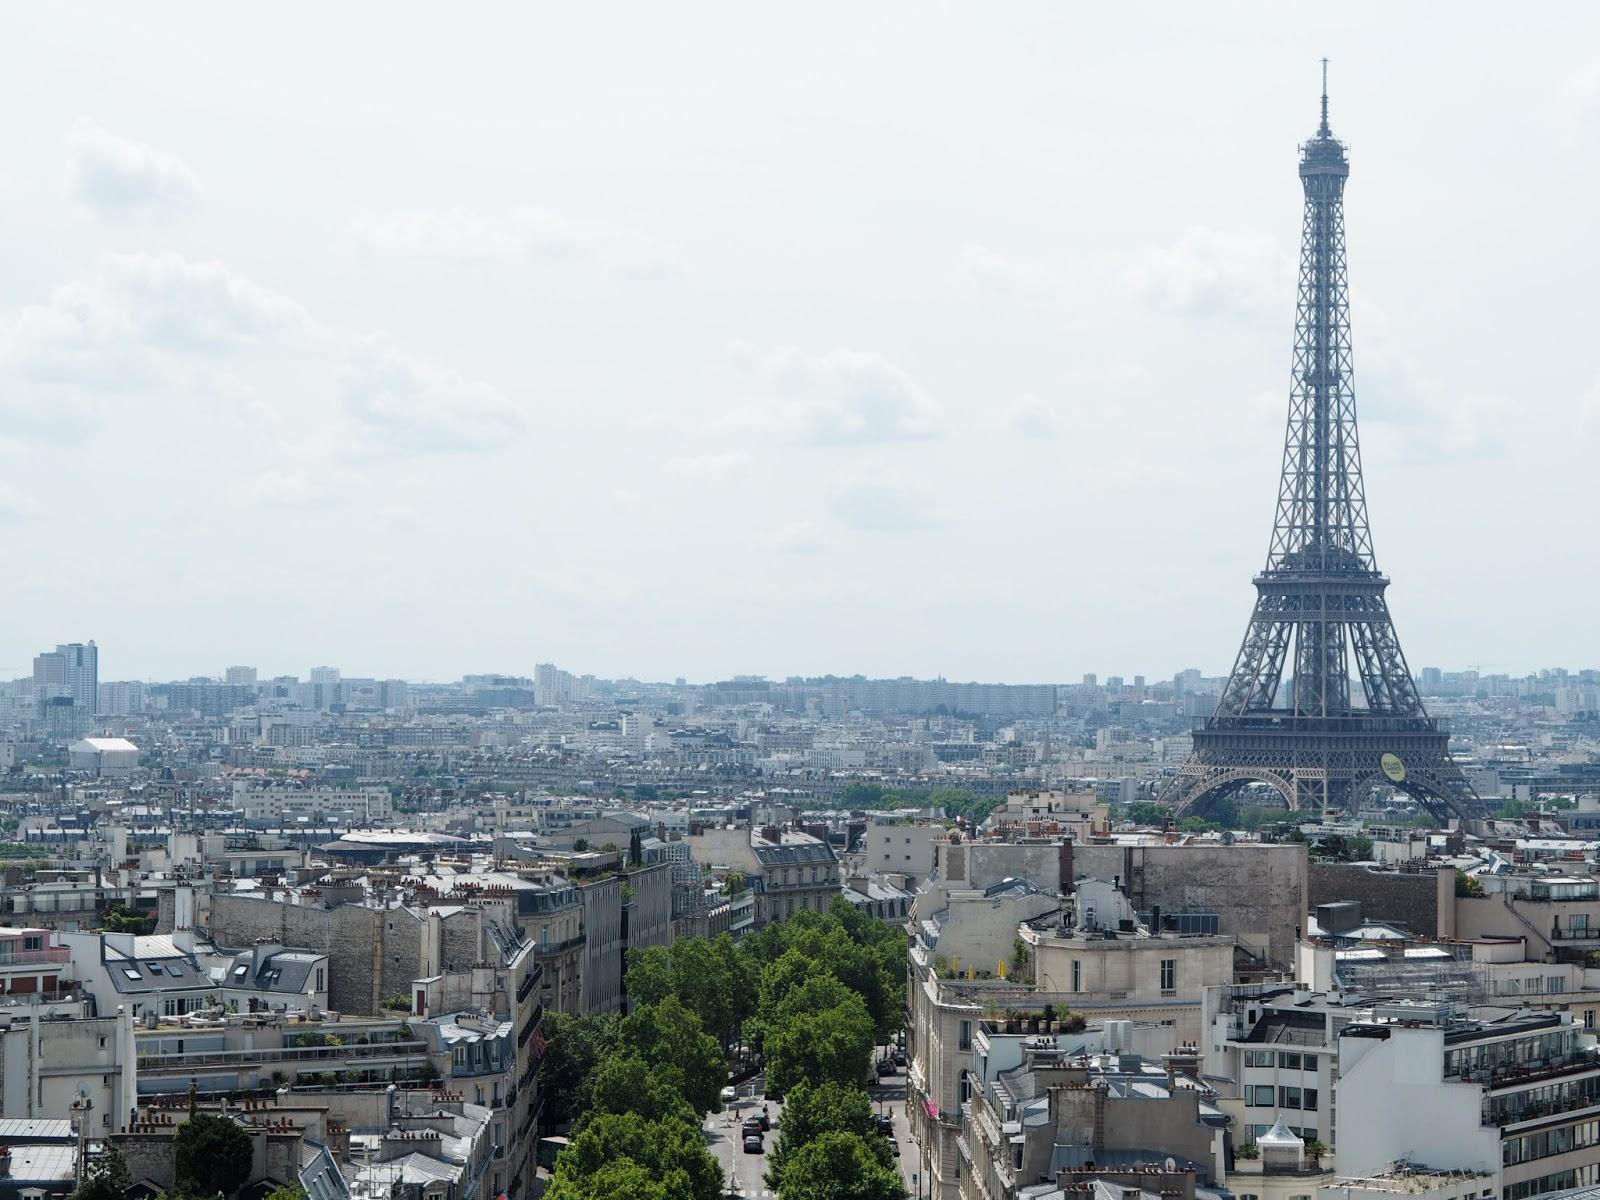 View of Eiffel Tower - Paris - L'Arc de Triomphe